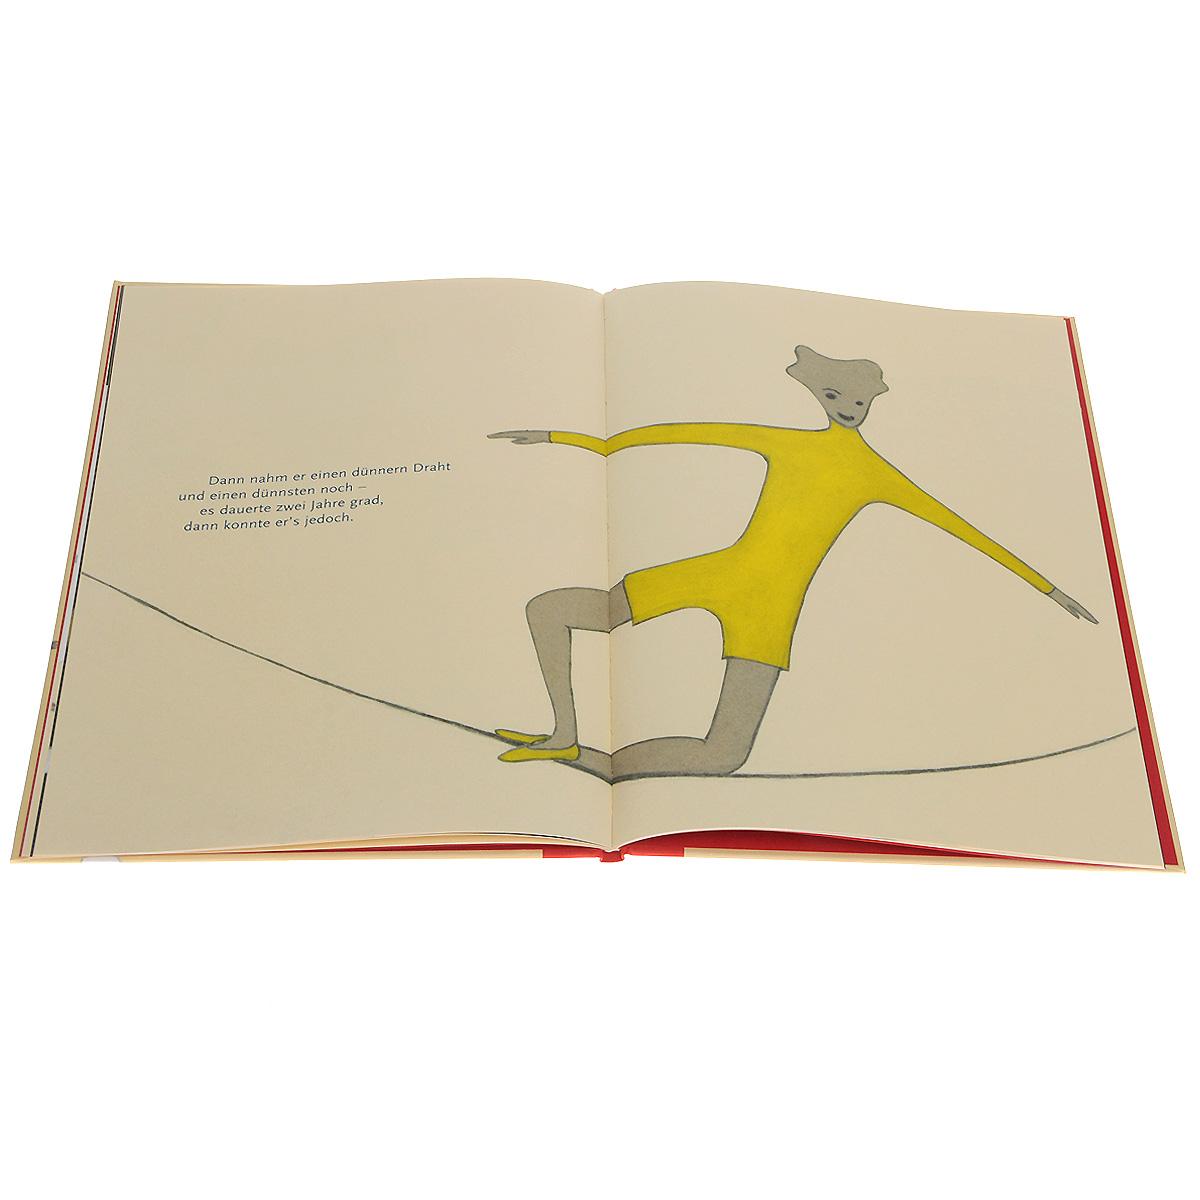 Die Ballade vom Seiltдnzer Felix Fliegenbeil